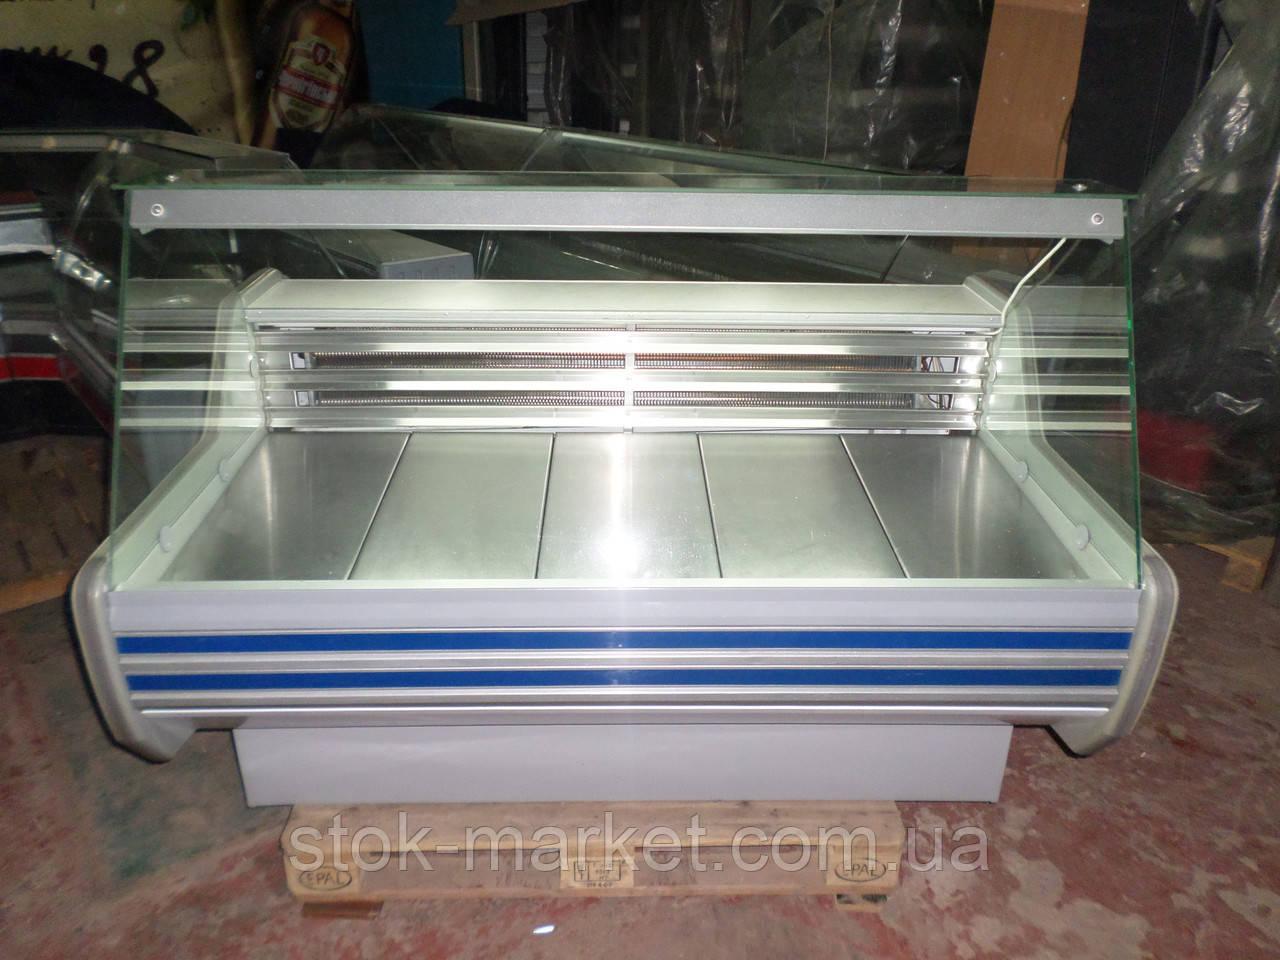 Витрина холодильная среднетемпературная Технохолод Кентукки ПВХС - 1,5